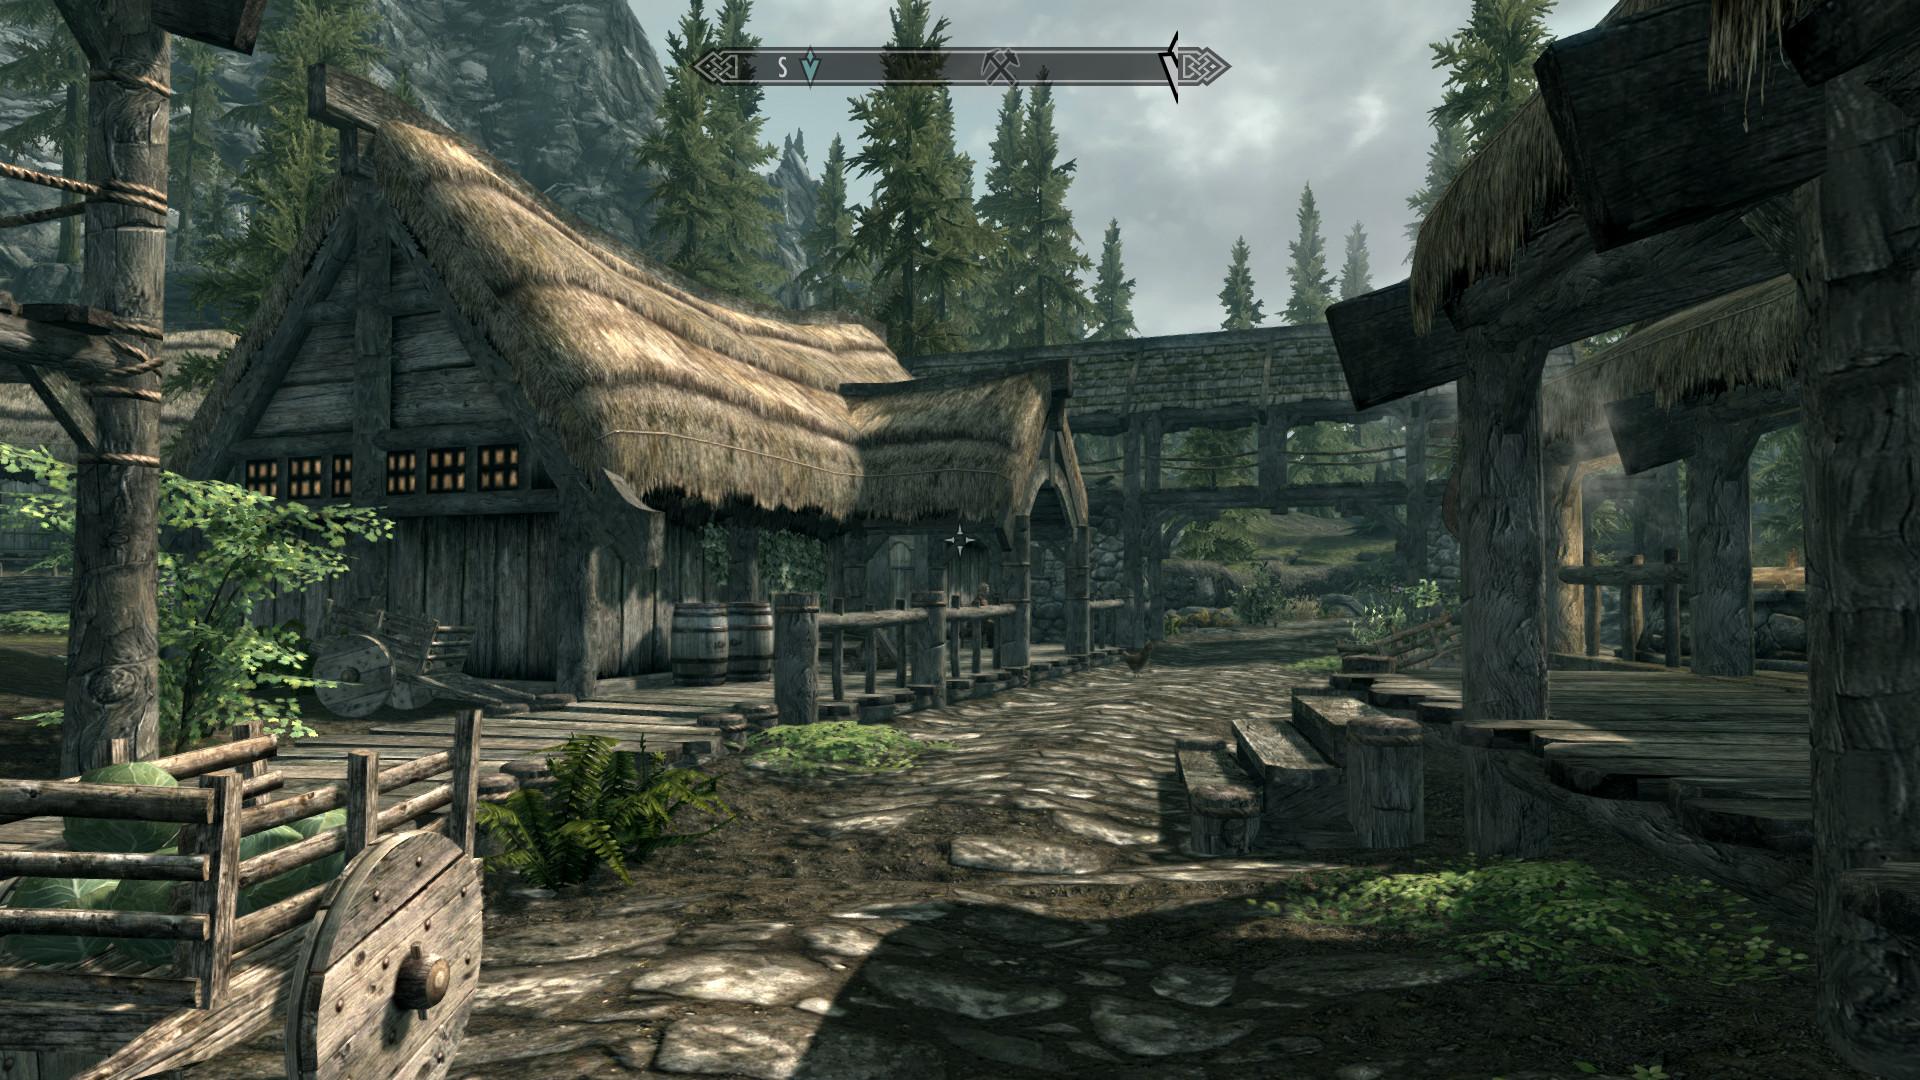 Skyrim Village High By The77s On Deviantart